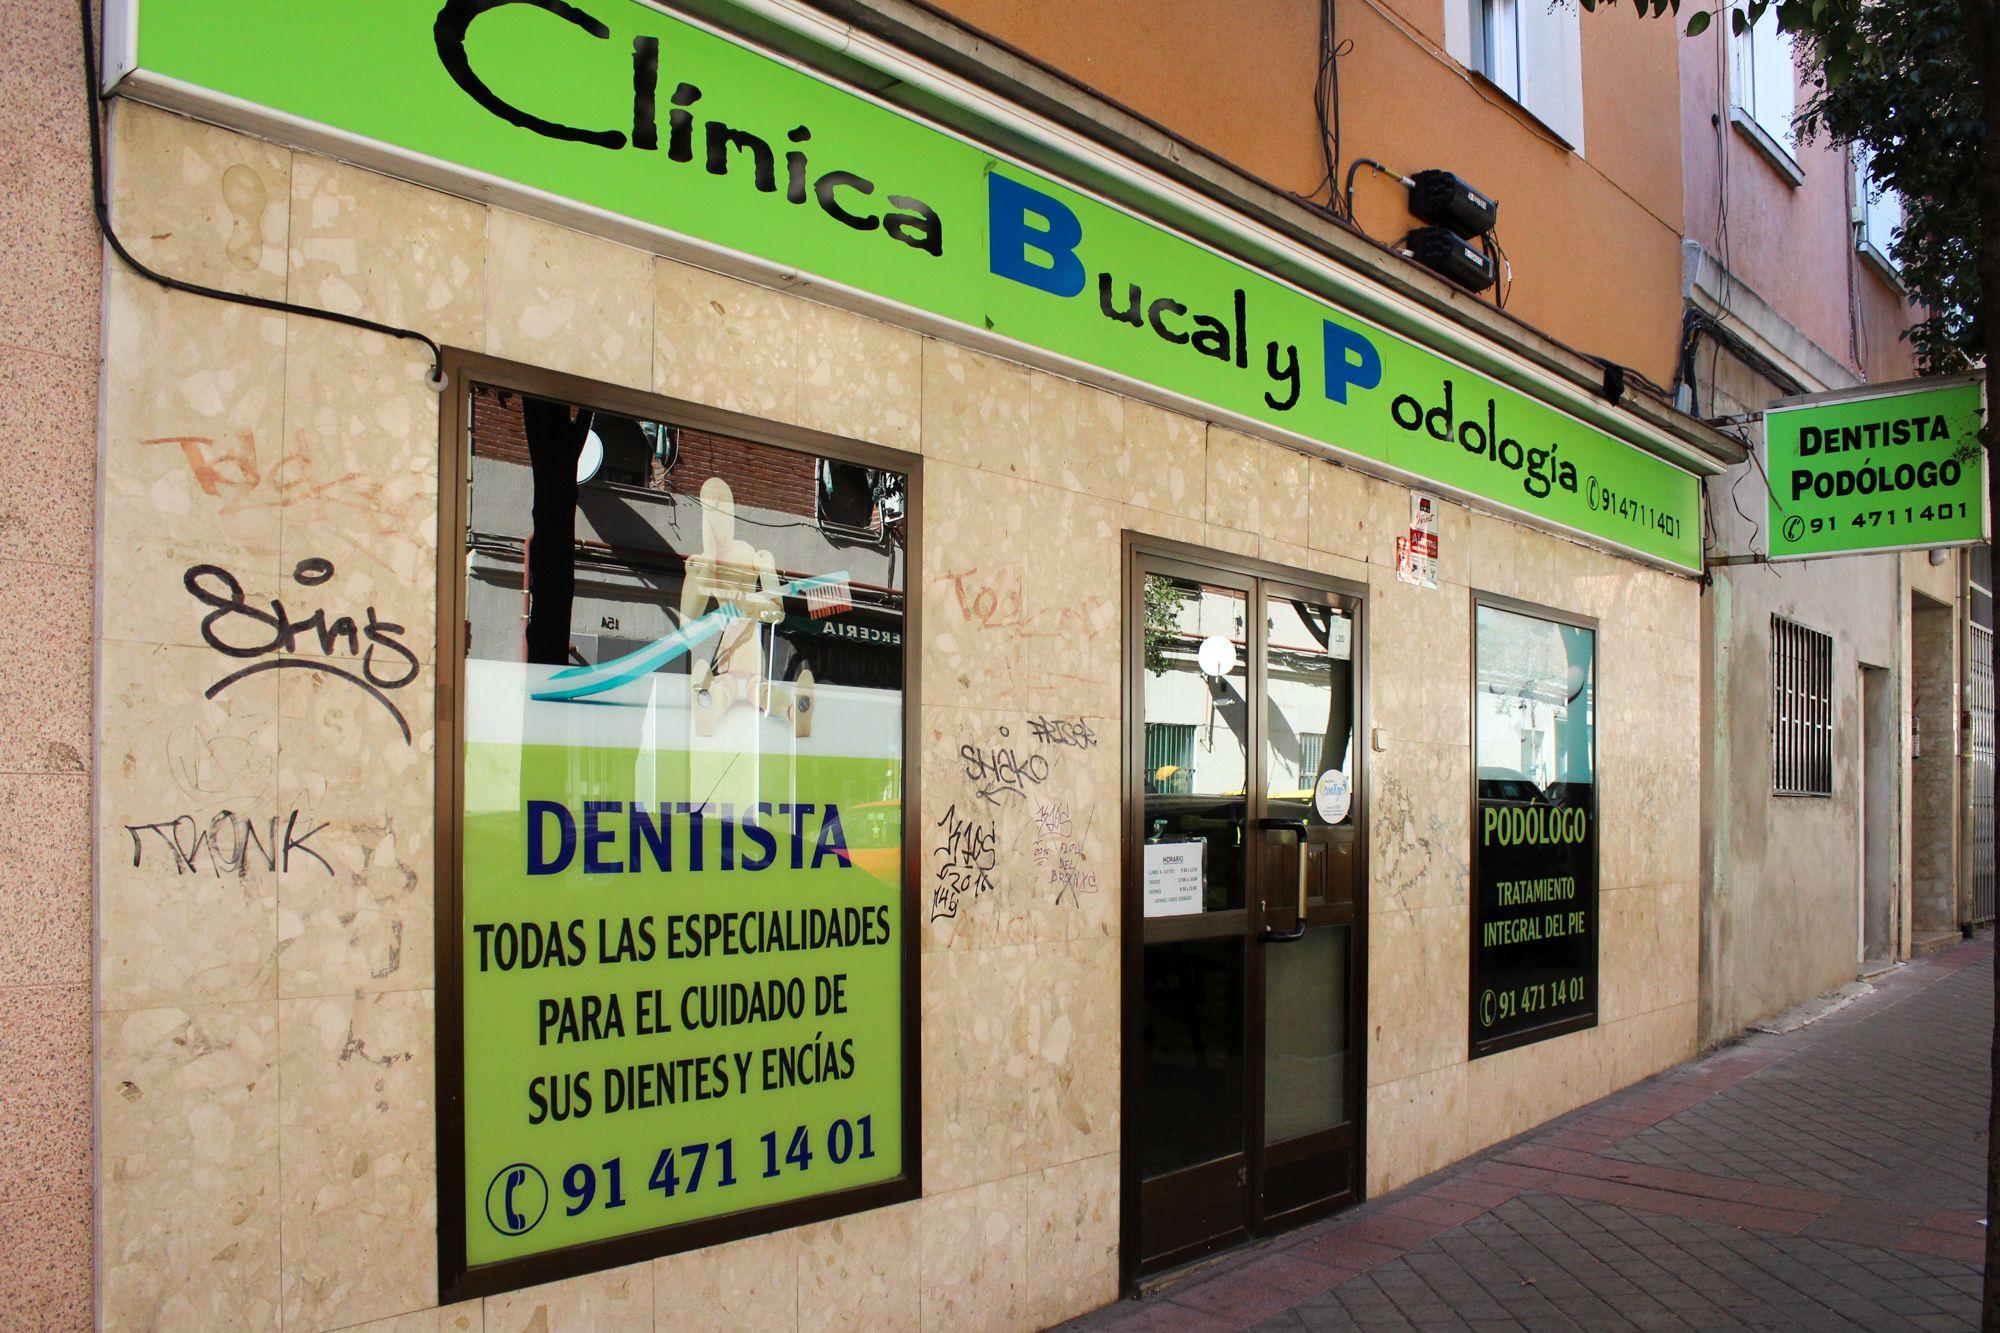 Foto 2 de Dentistas en Madrid | Clínica BP Bucal y Podológica